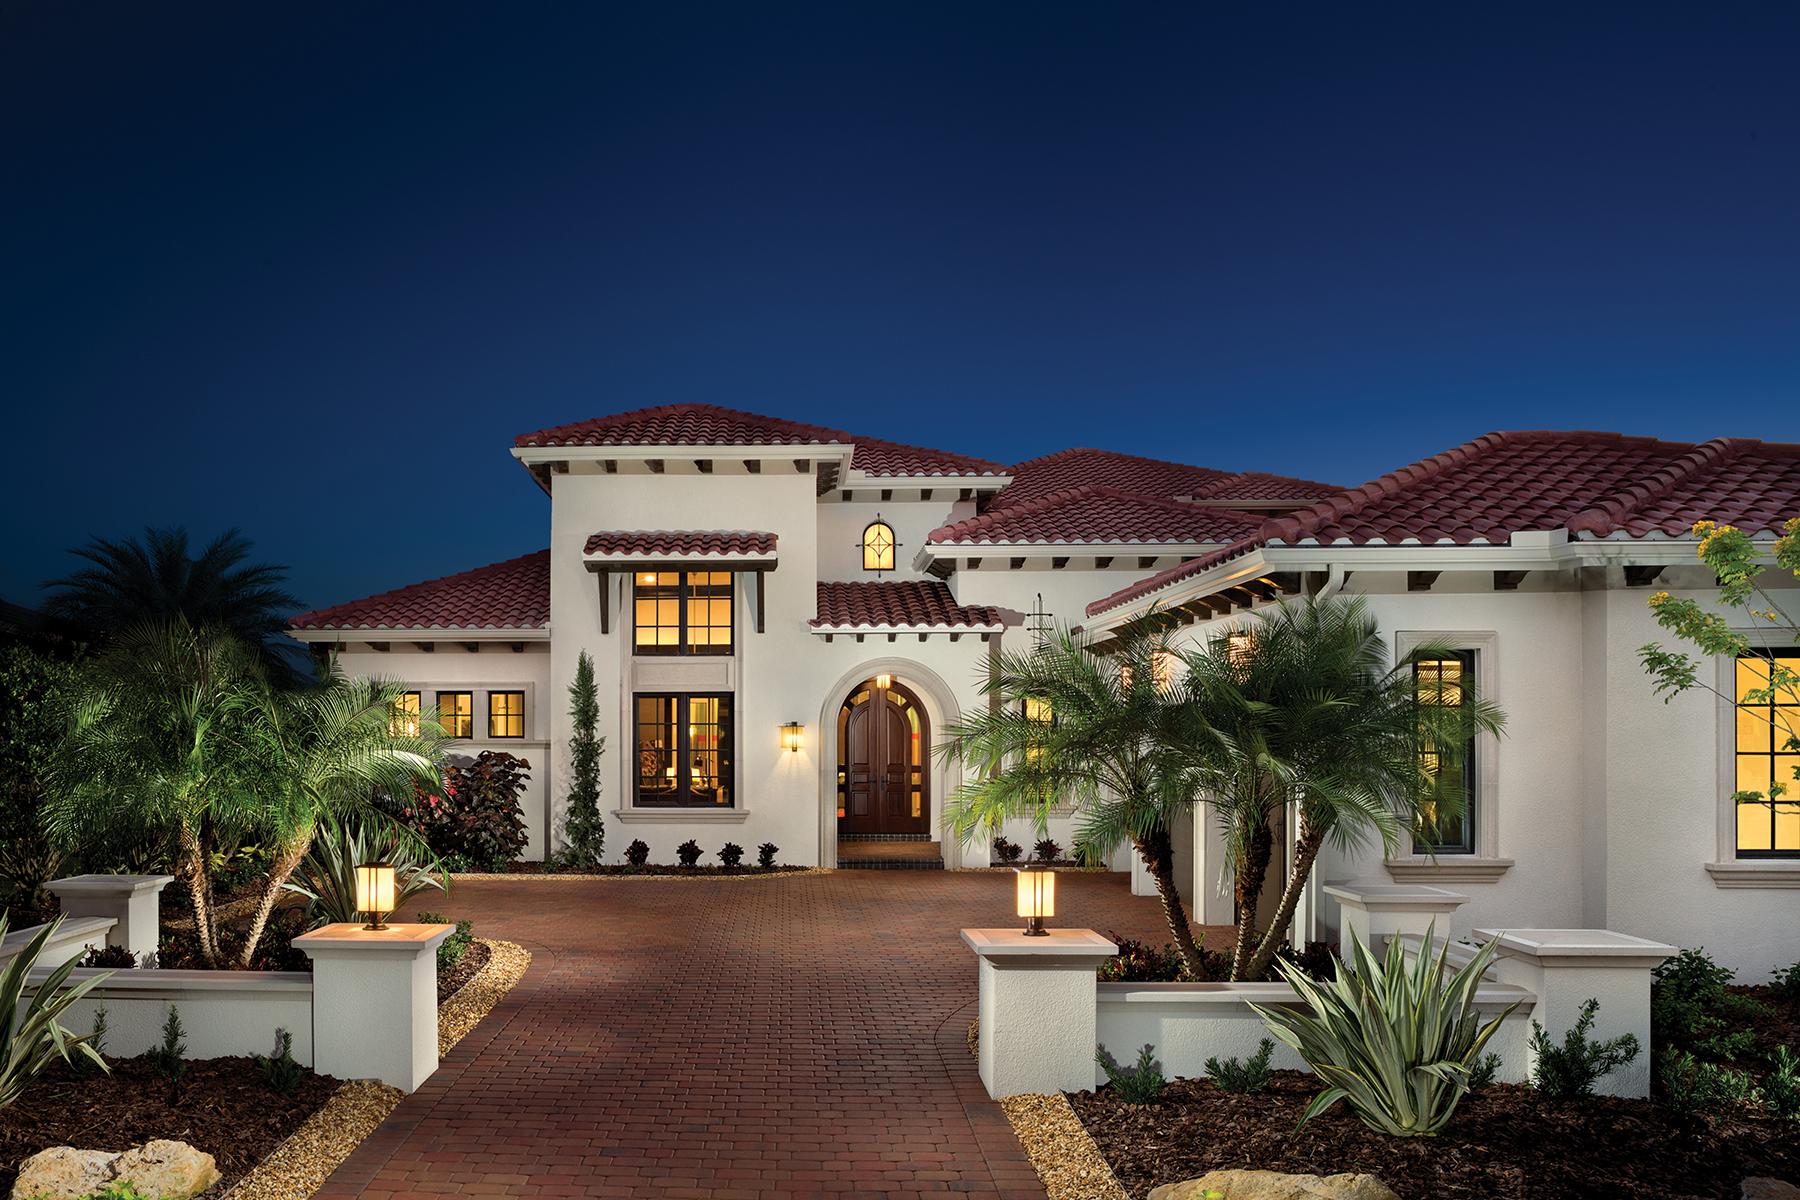 Terreno por un Venta en SIESTA KEY 3625 White Ln 8 Sarasota, Florida, 34242 Estados Unidos